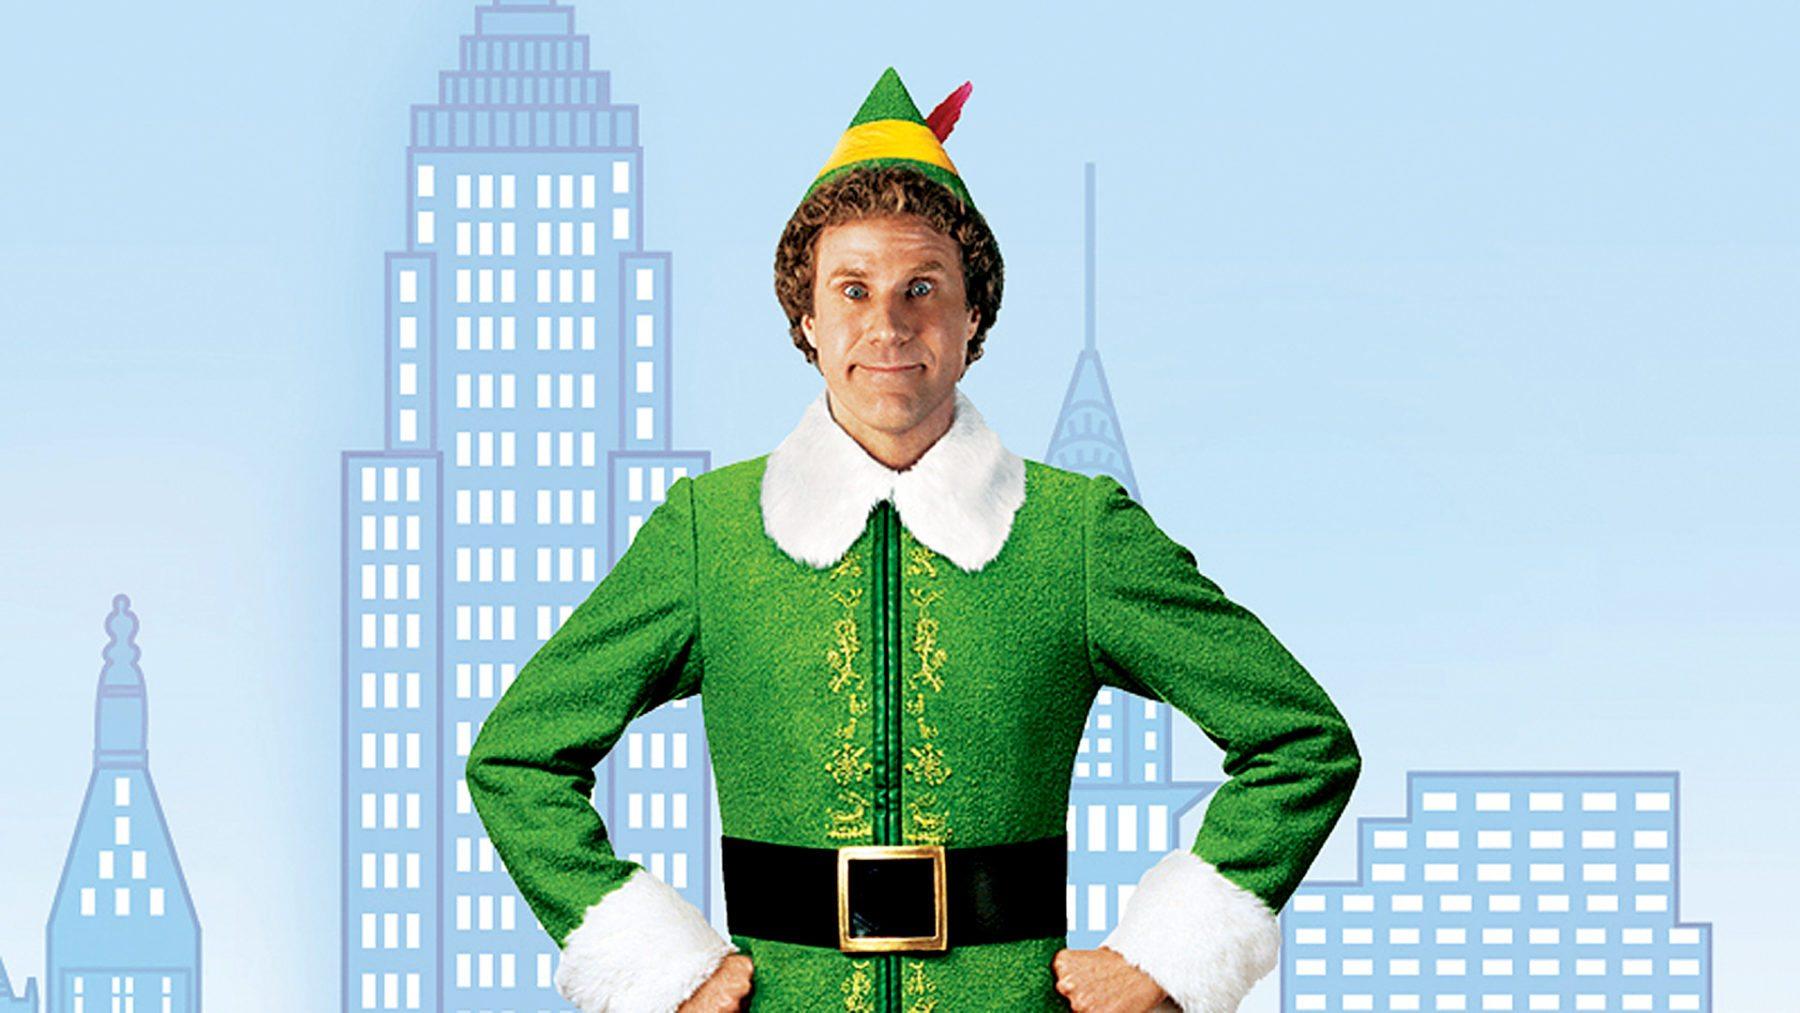 10 Magical Christmas Movie Soundtracks